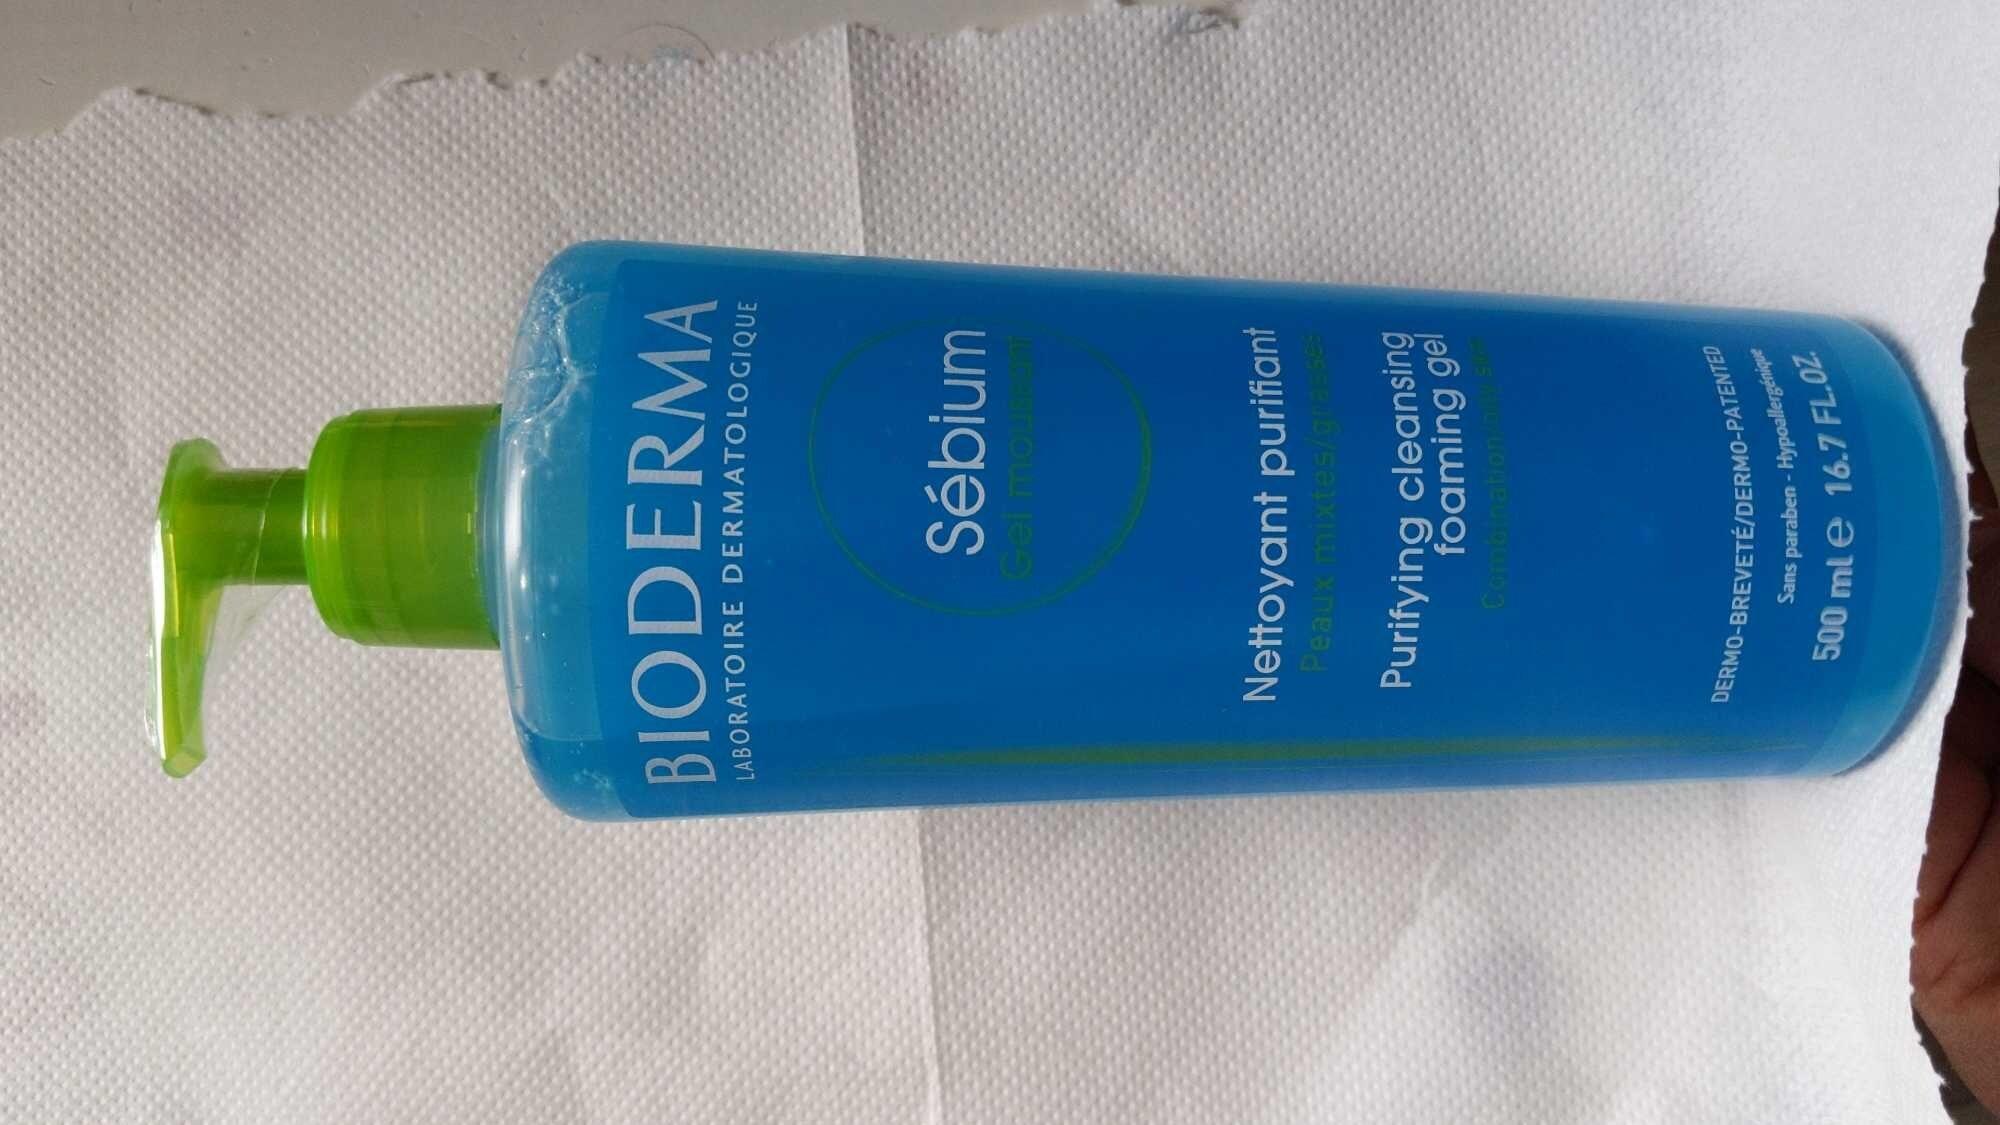 Sébium - gel moussant - Product - fr